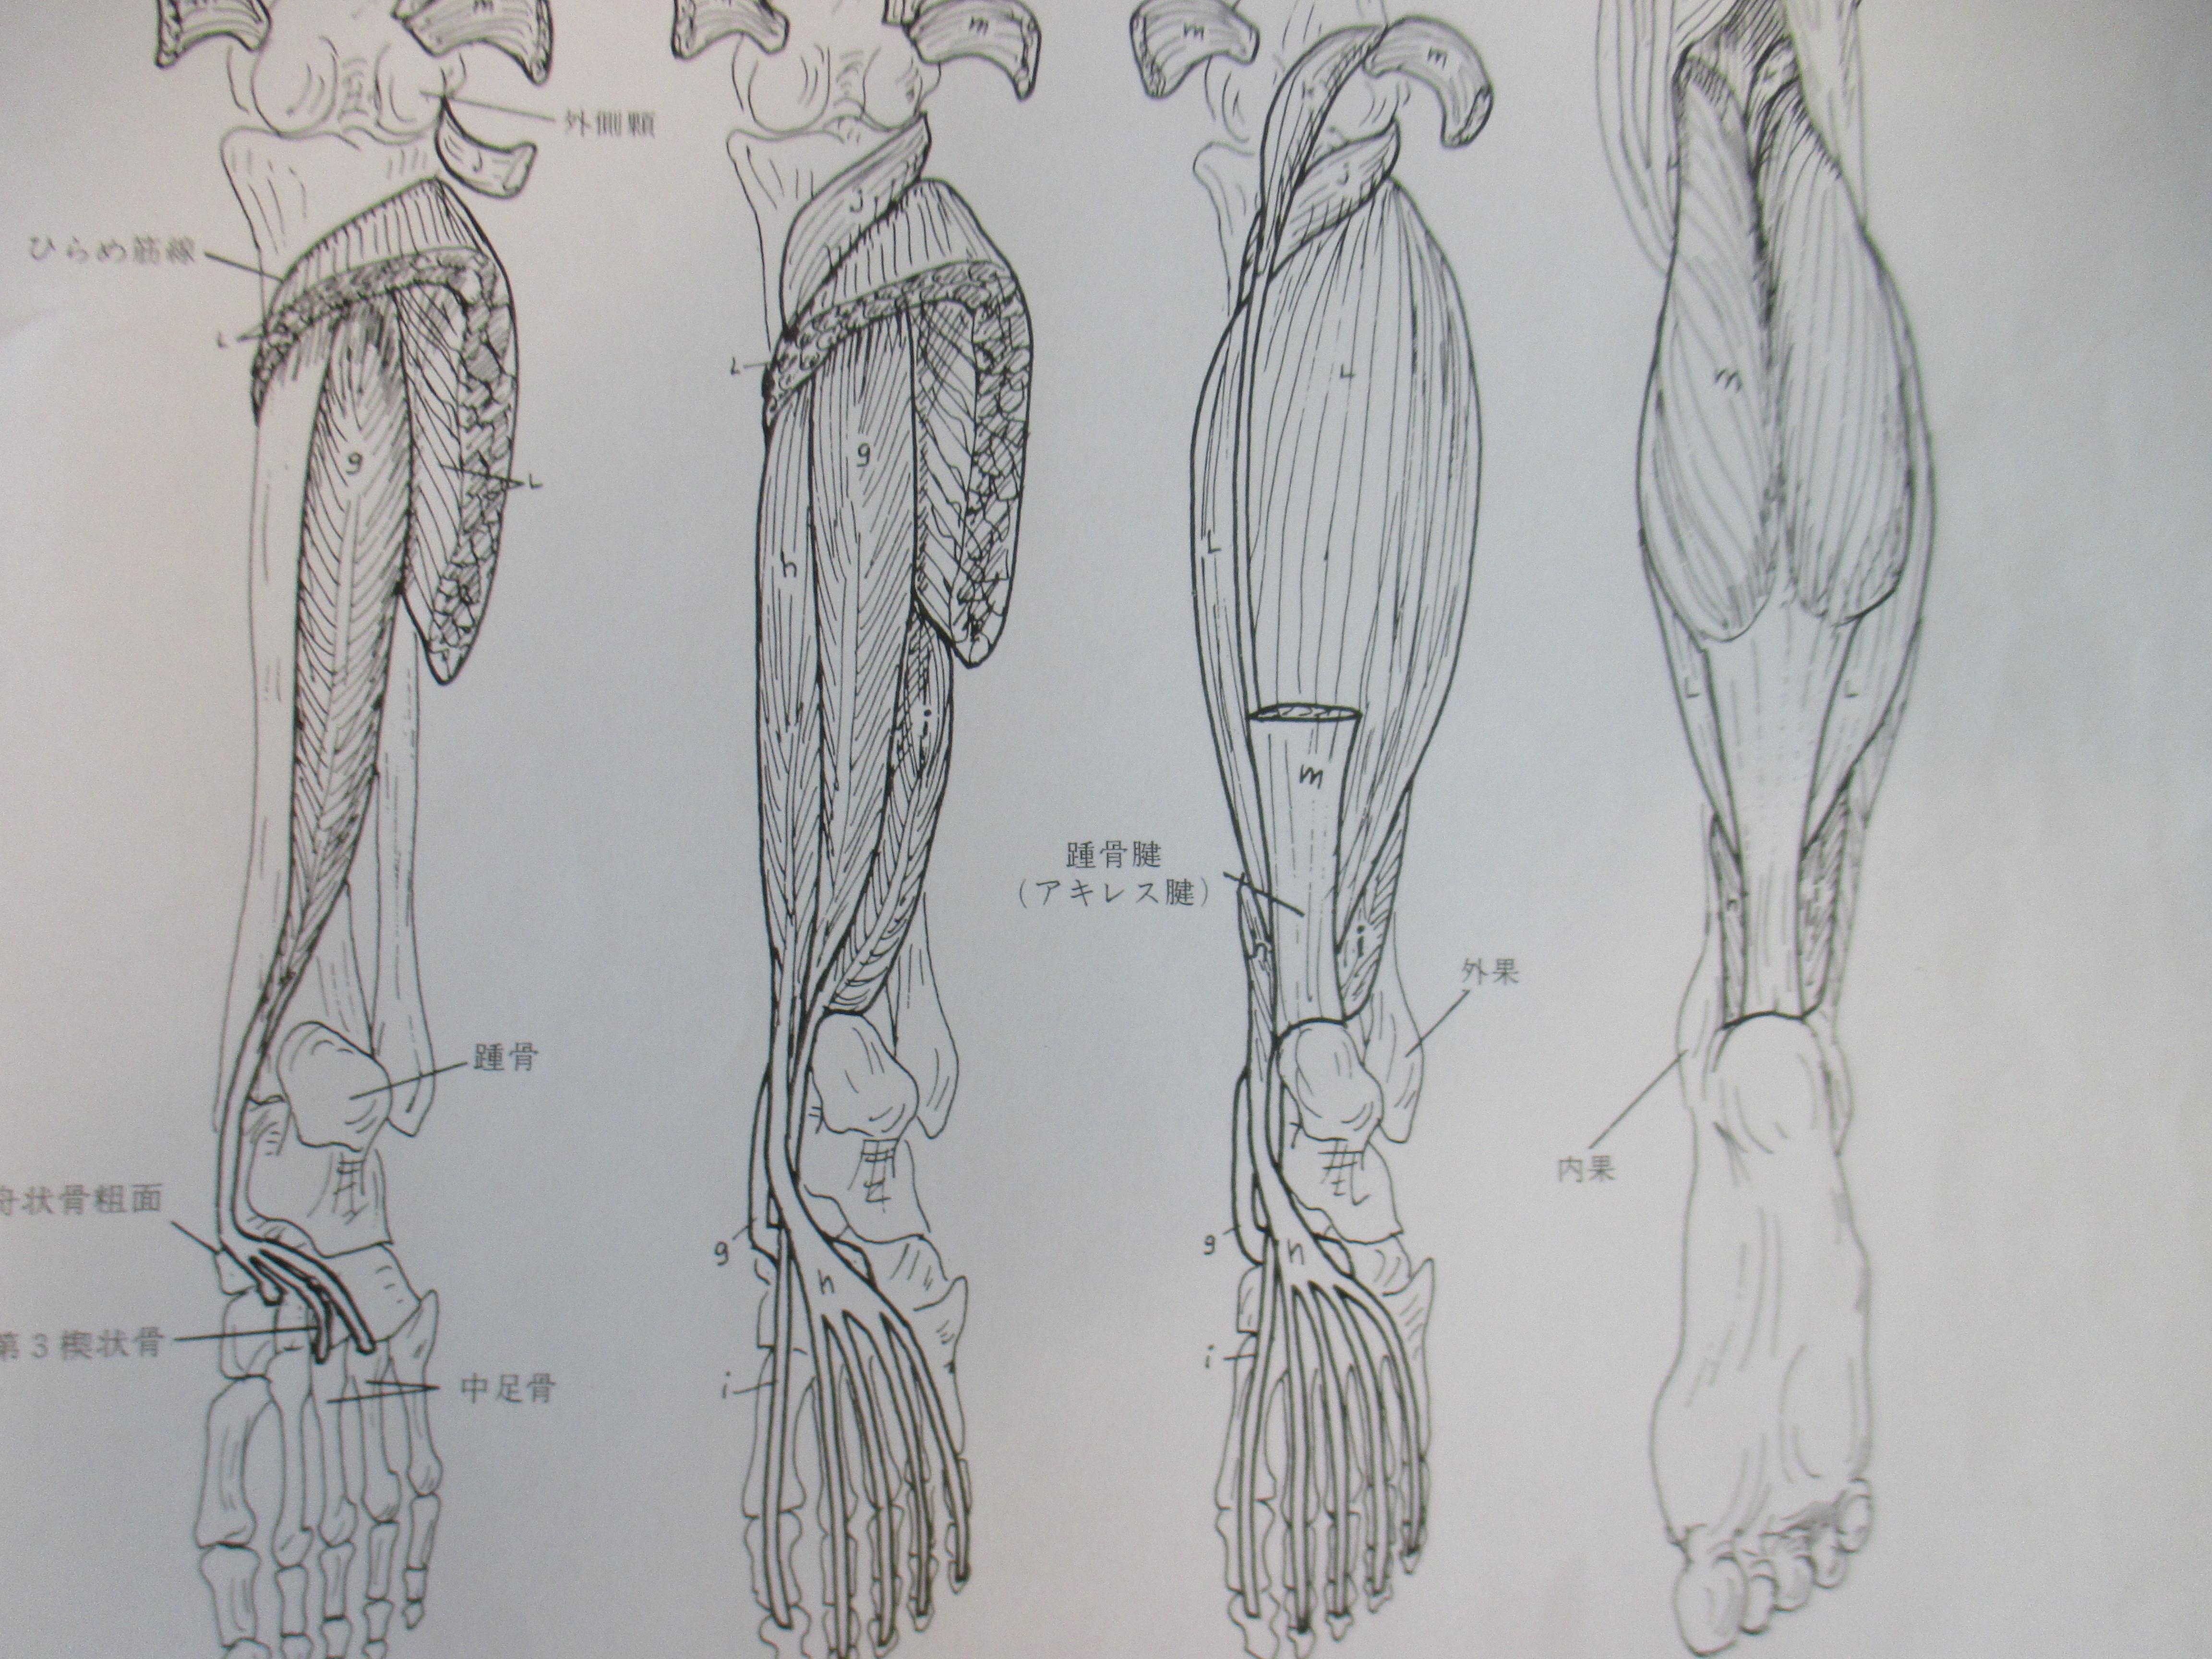 ふくらはぎの筋肉のコリが原因の腰痛